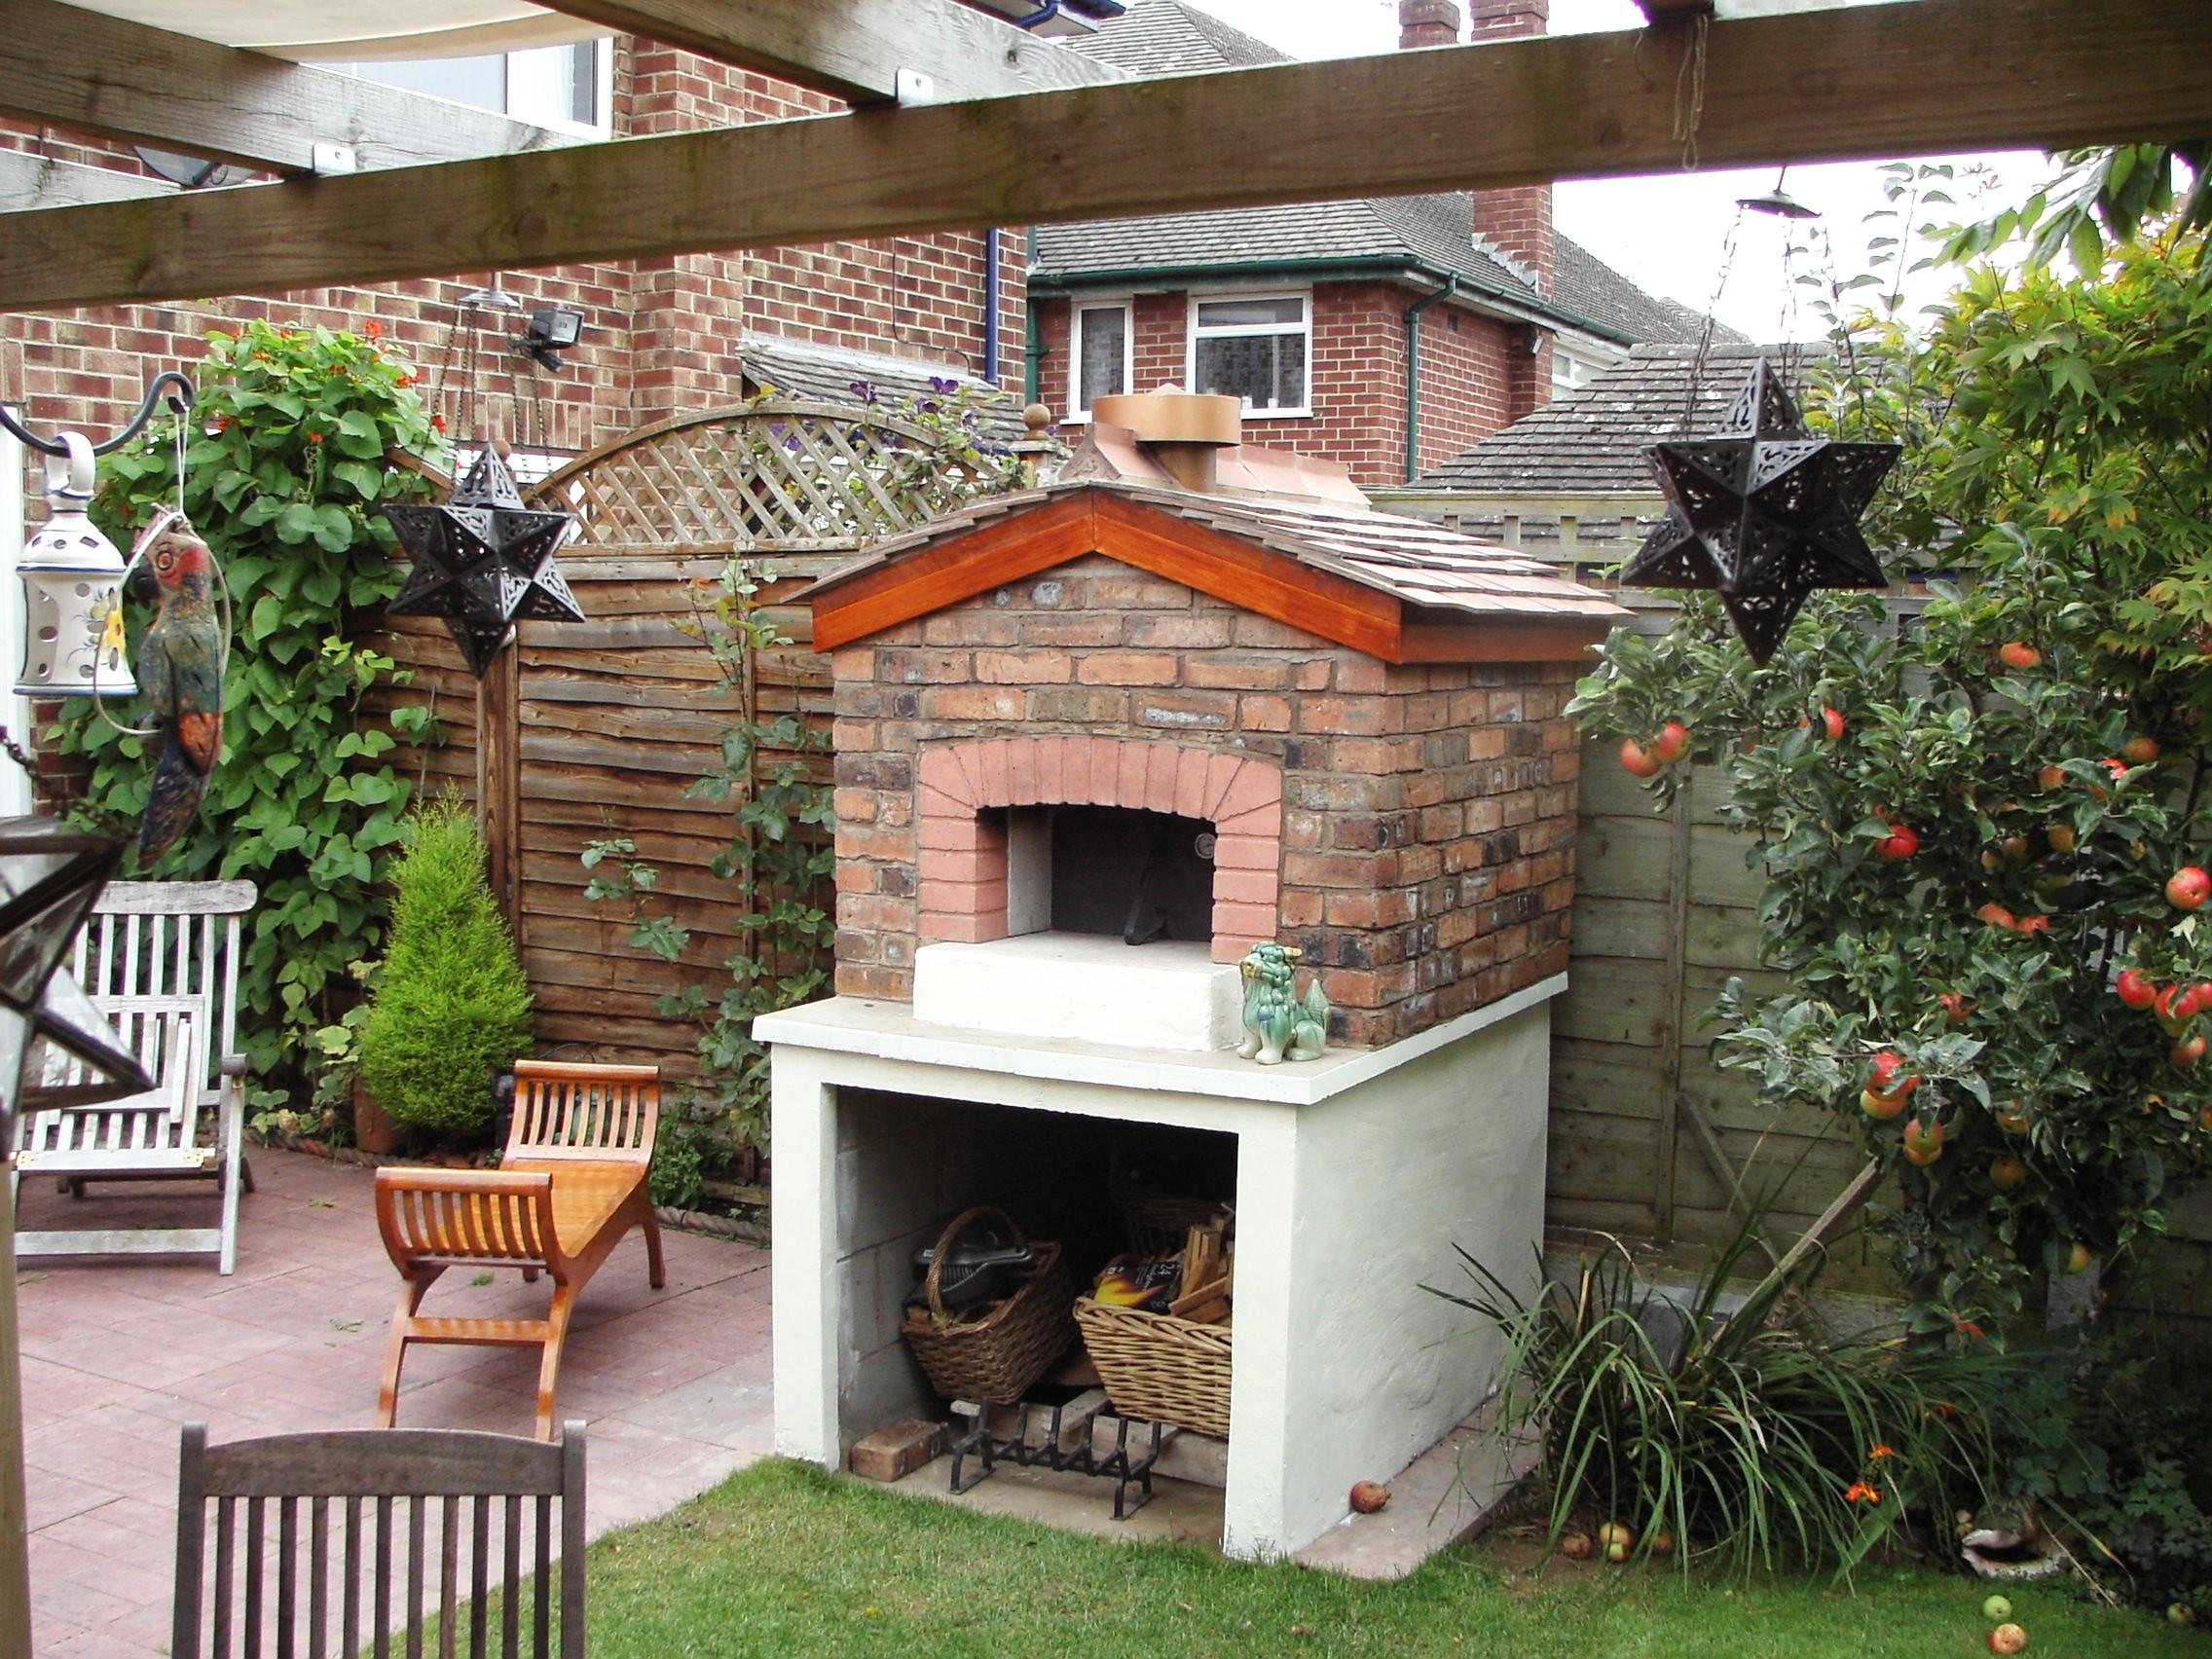 DIY Fireplace Outdoor  DIY Outdoor Brick Fireplace